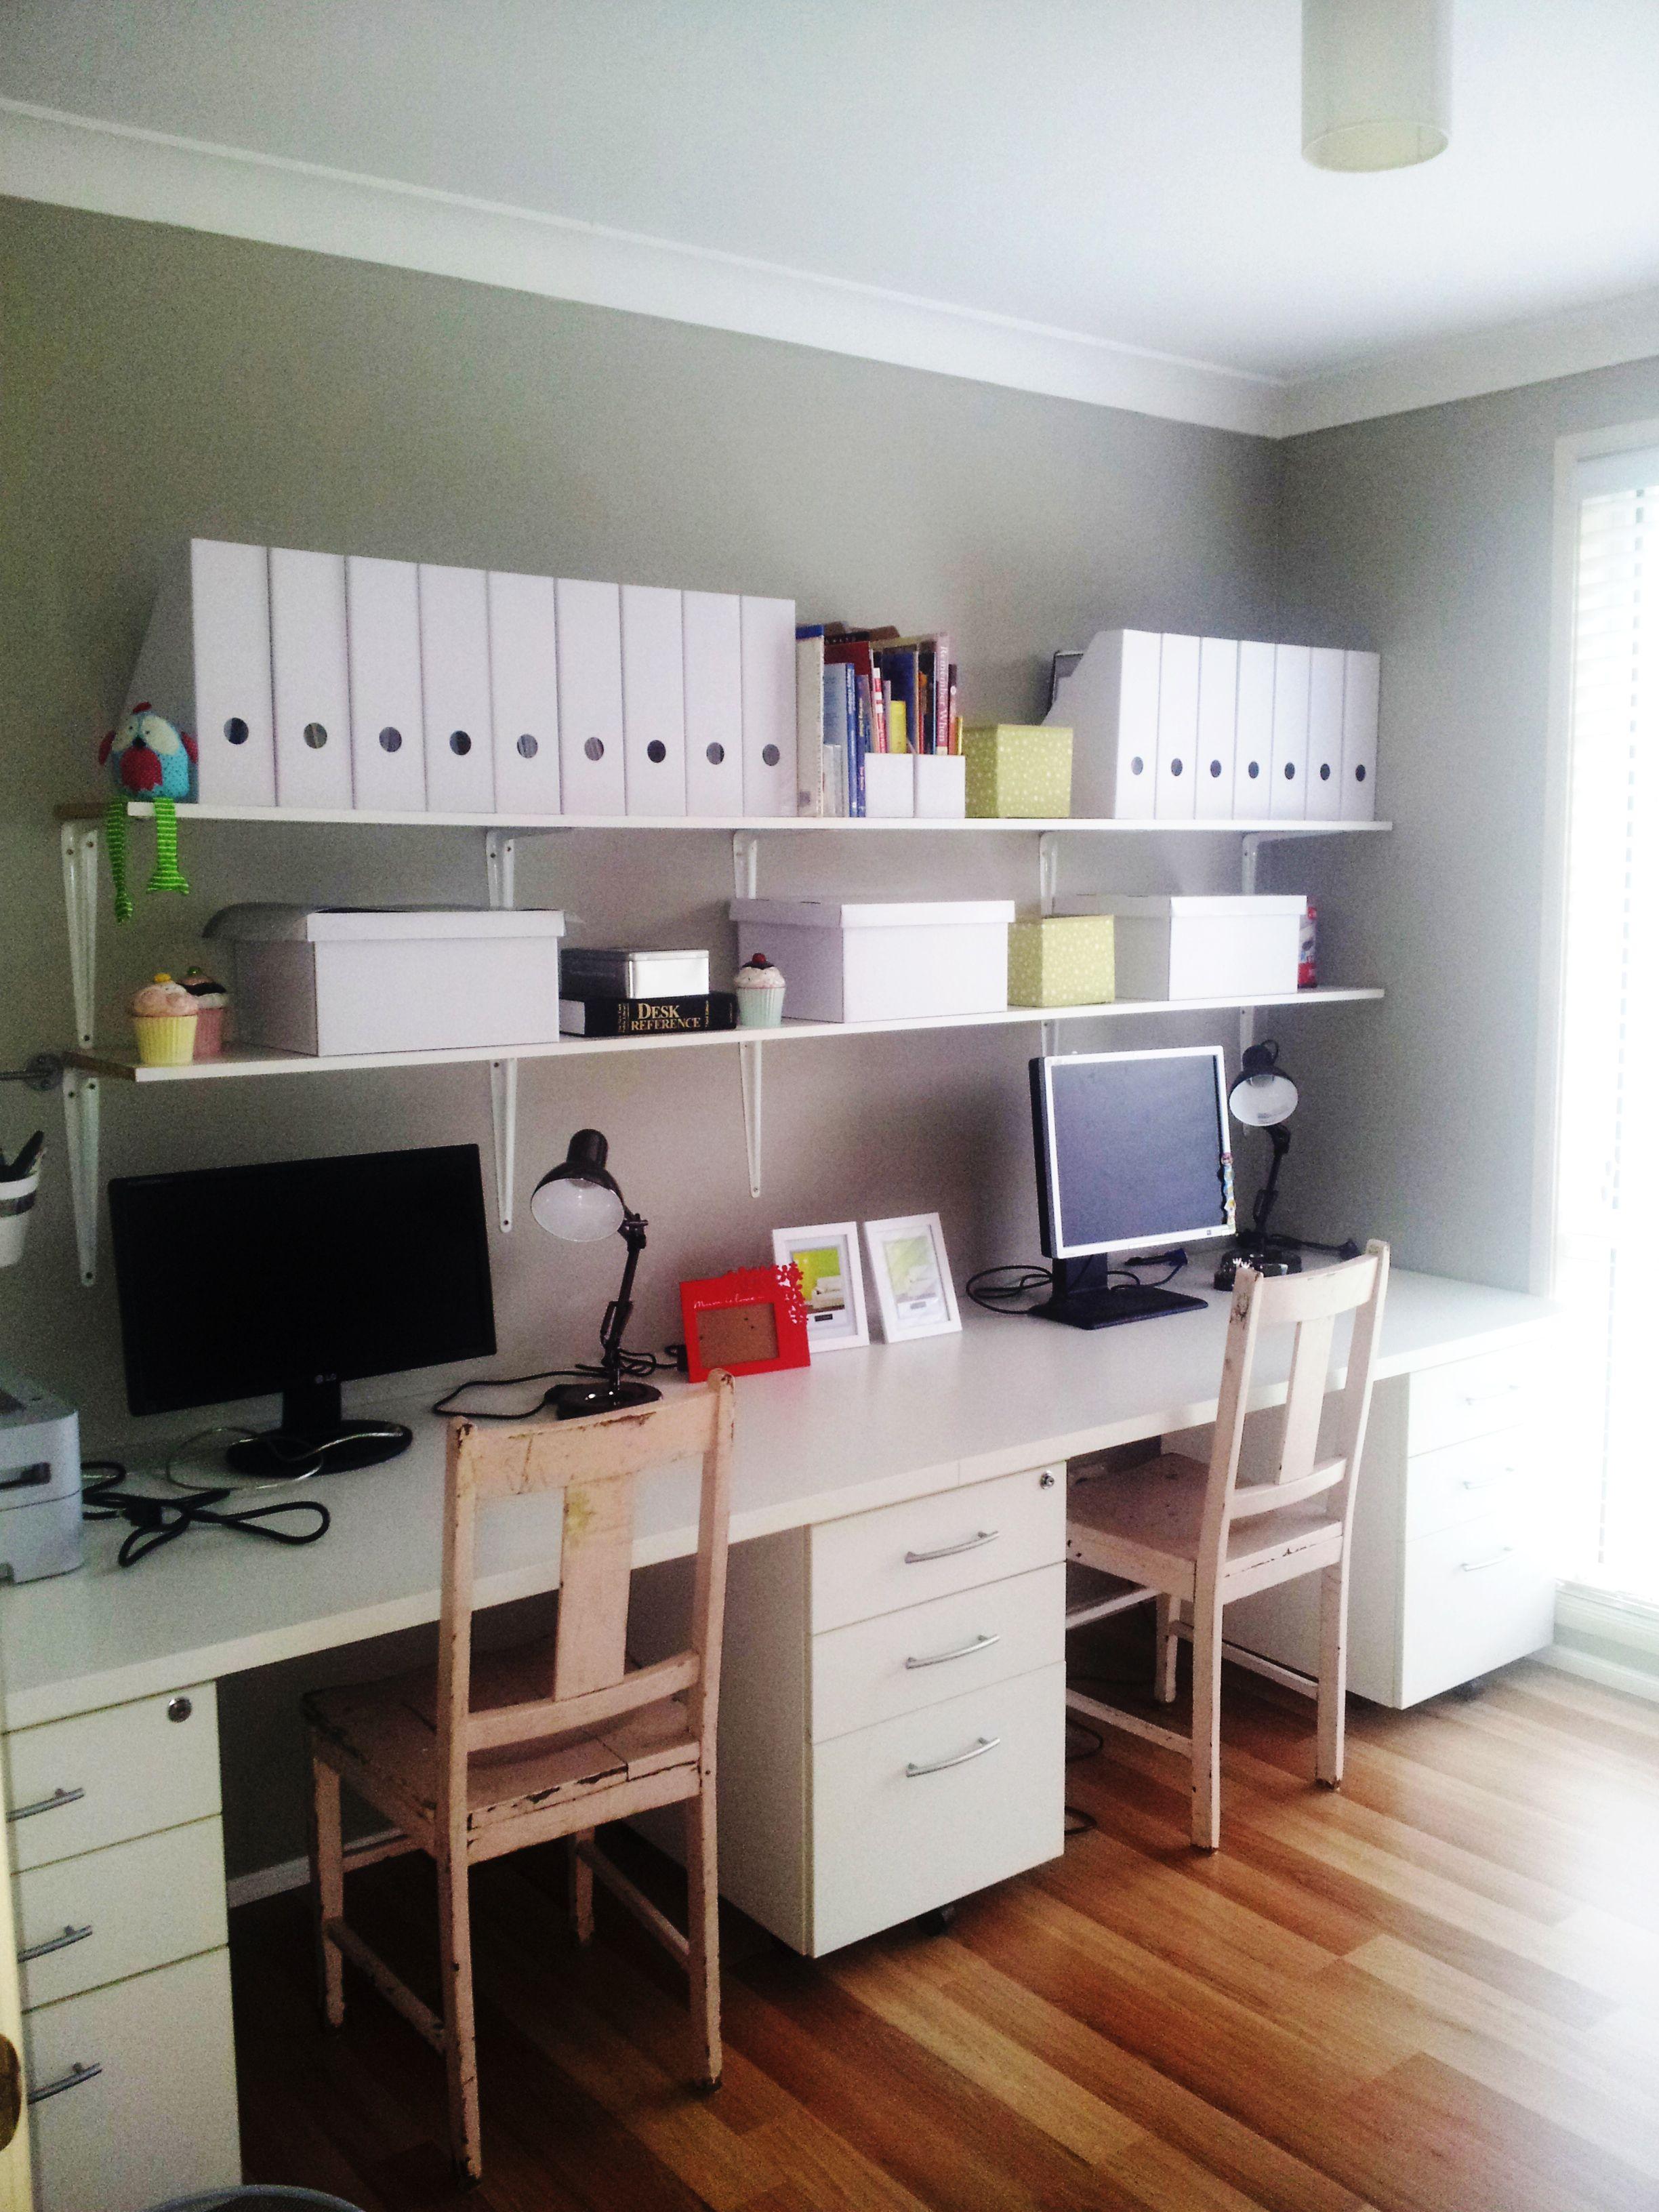 Home office/ Teacher space | Office ideas | Pinterest | Teacher ...